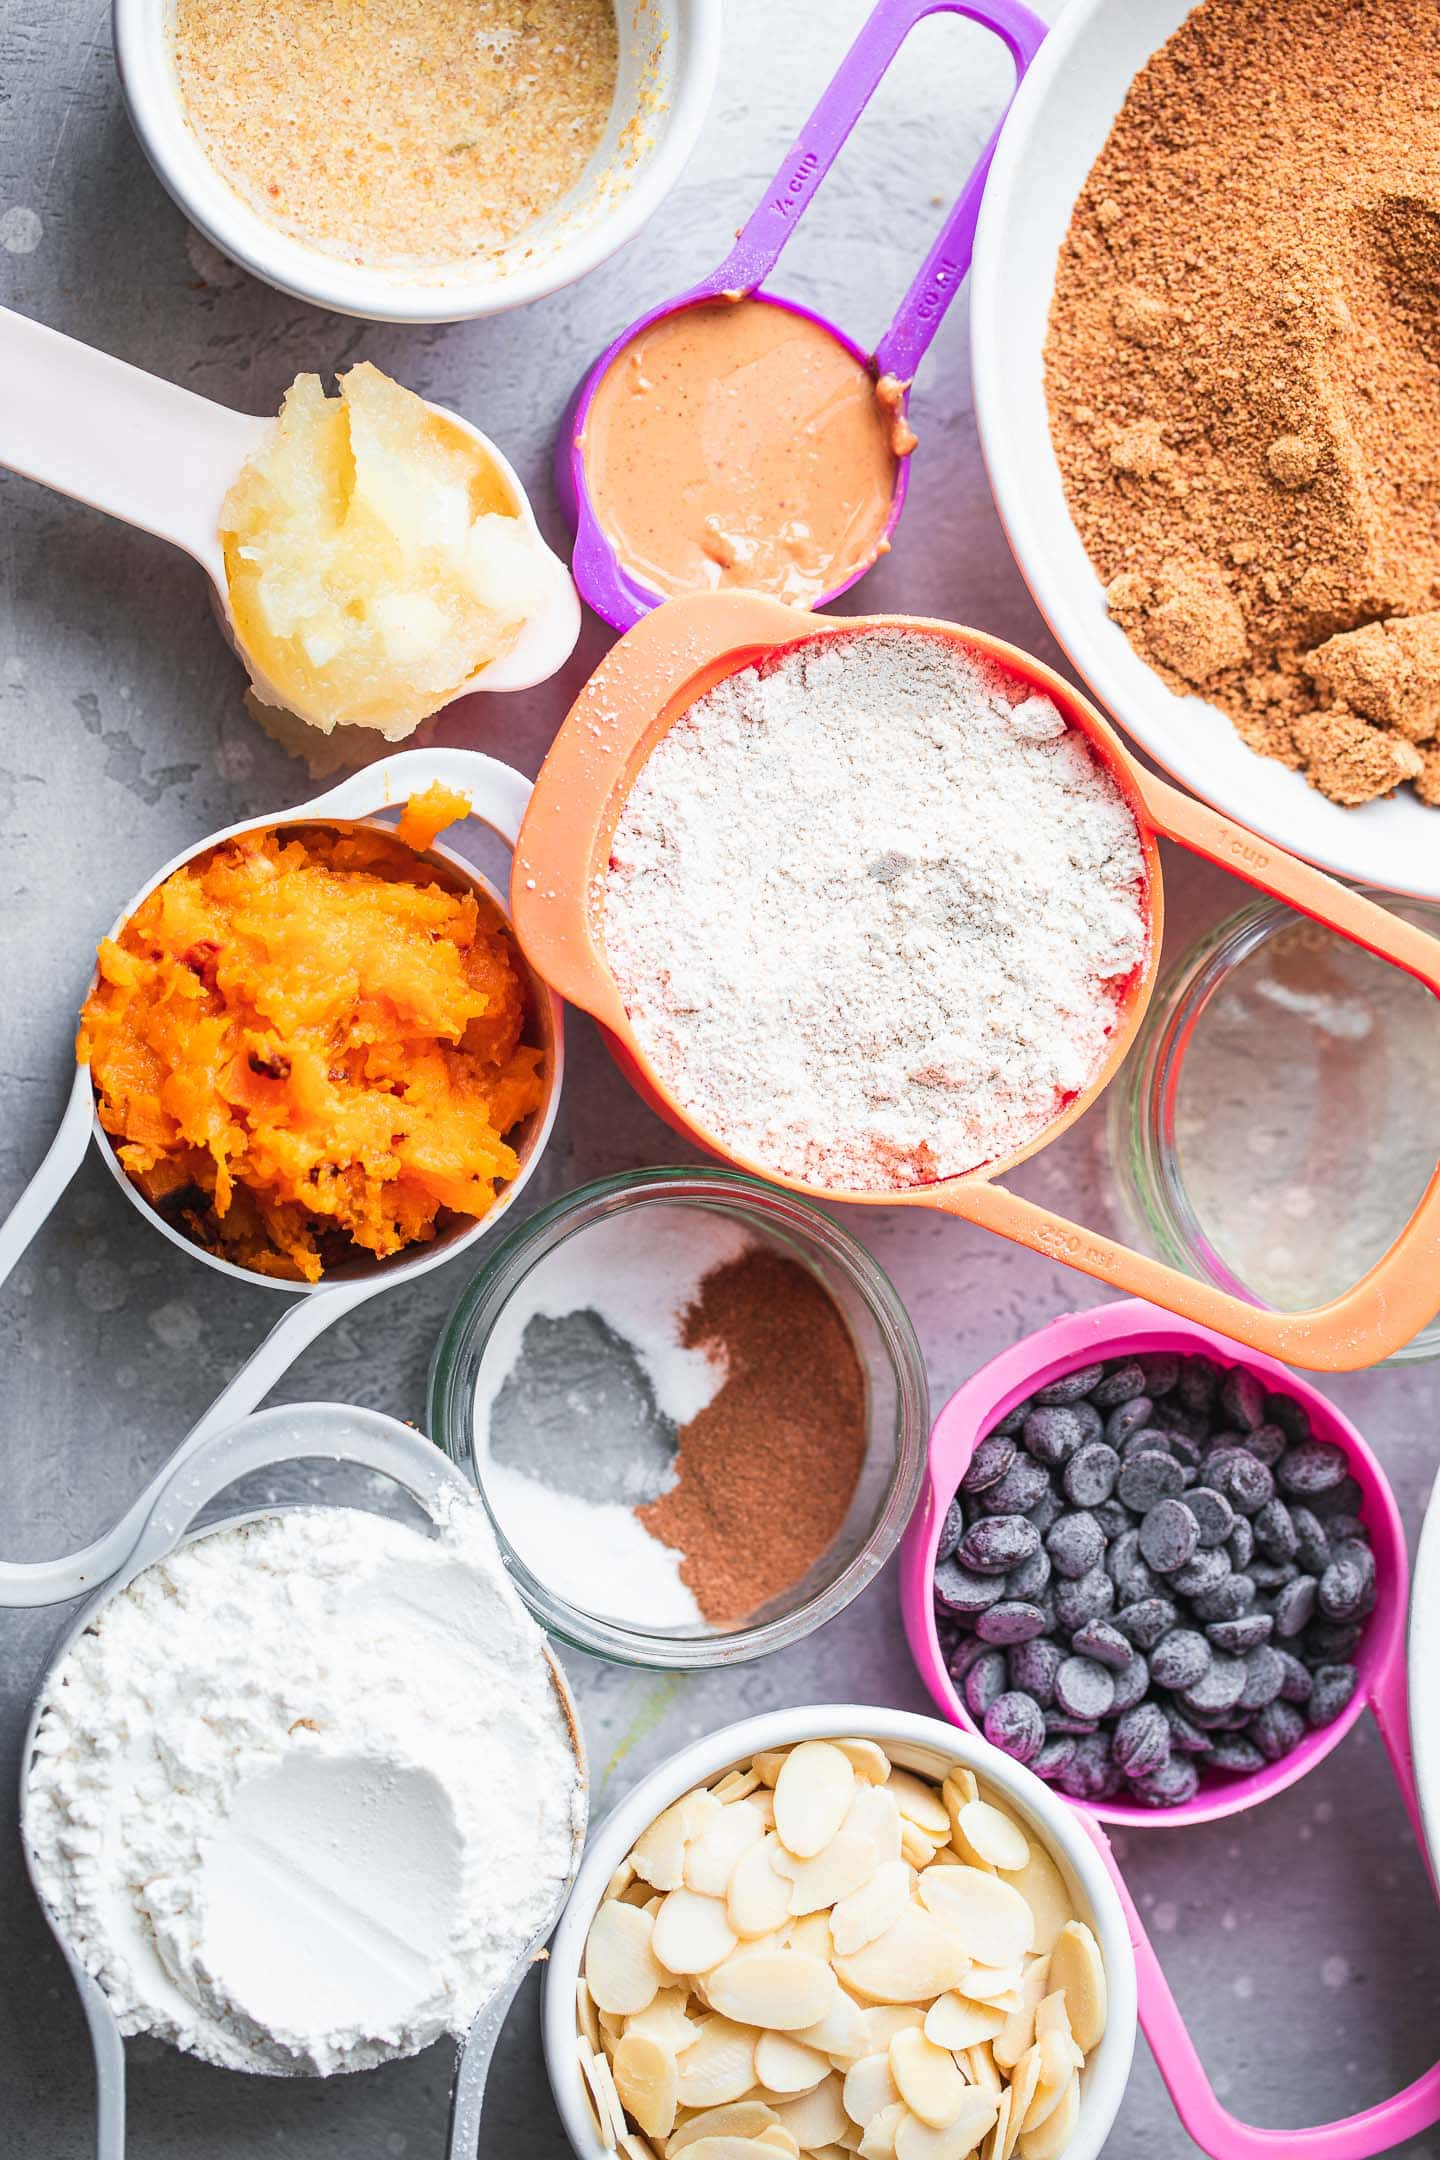 Ingredients for gluten-free vegan pumpkin muffins